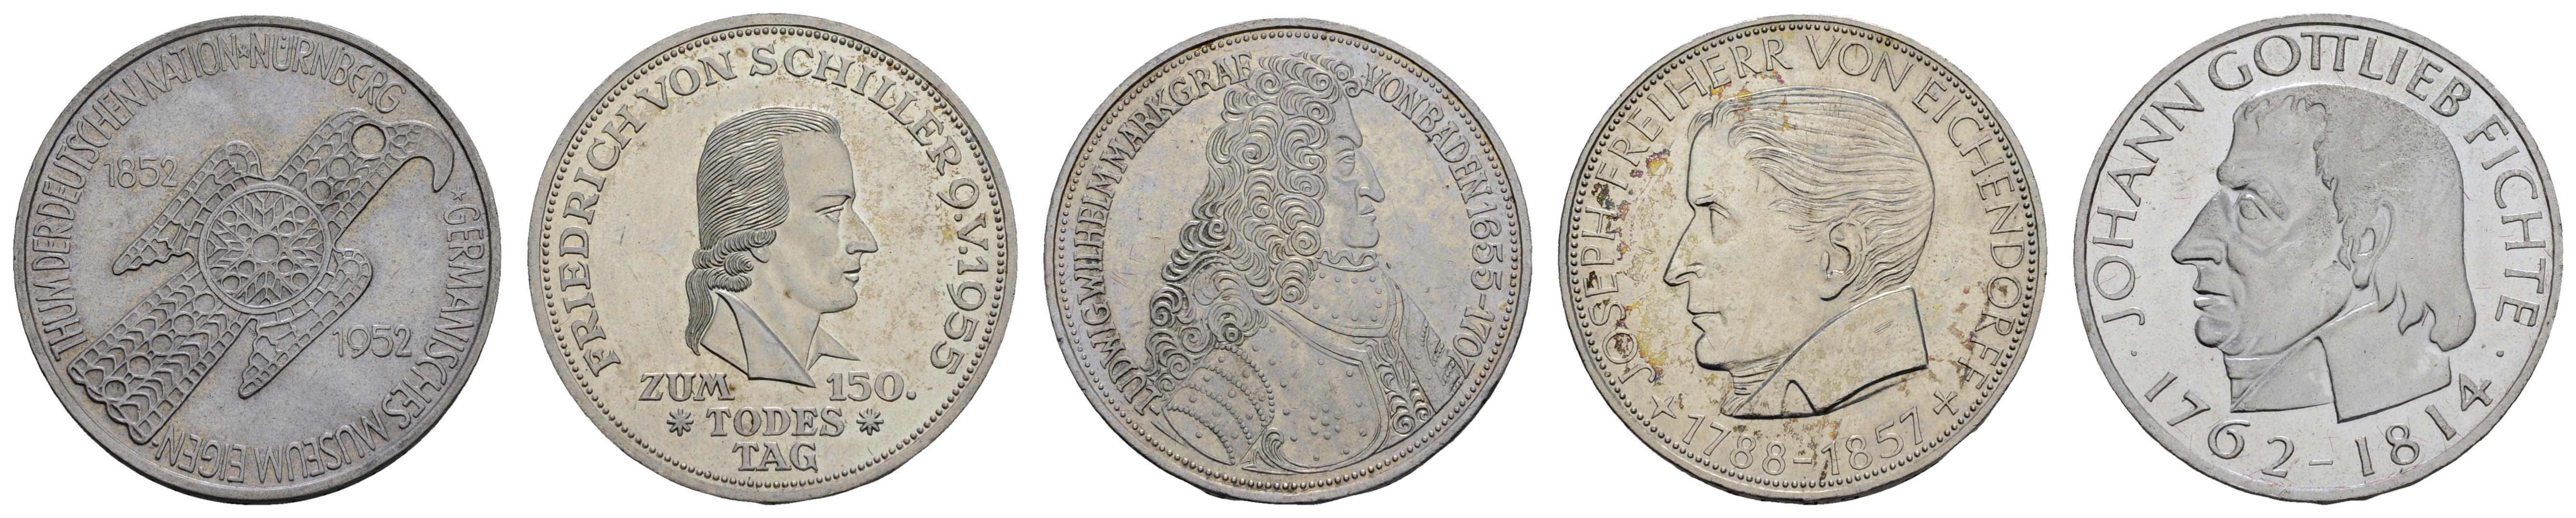 Lot 9235 - sammlungen BRD -  Auktionshaus Ulrich Felzmann GmbH & Co. KG Coins single lots